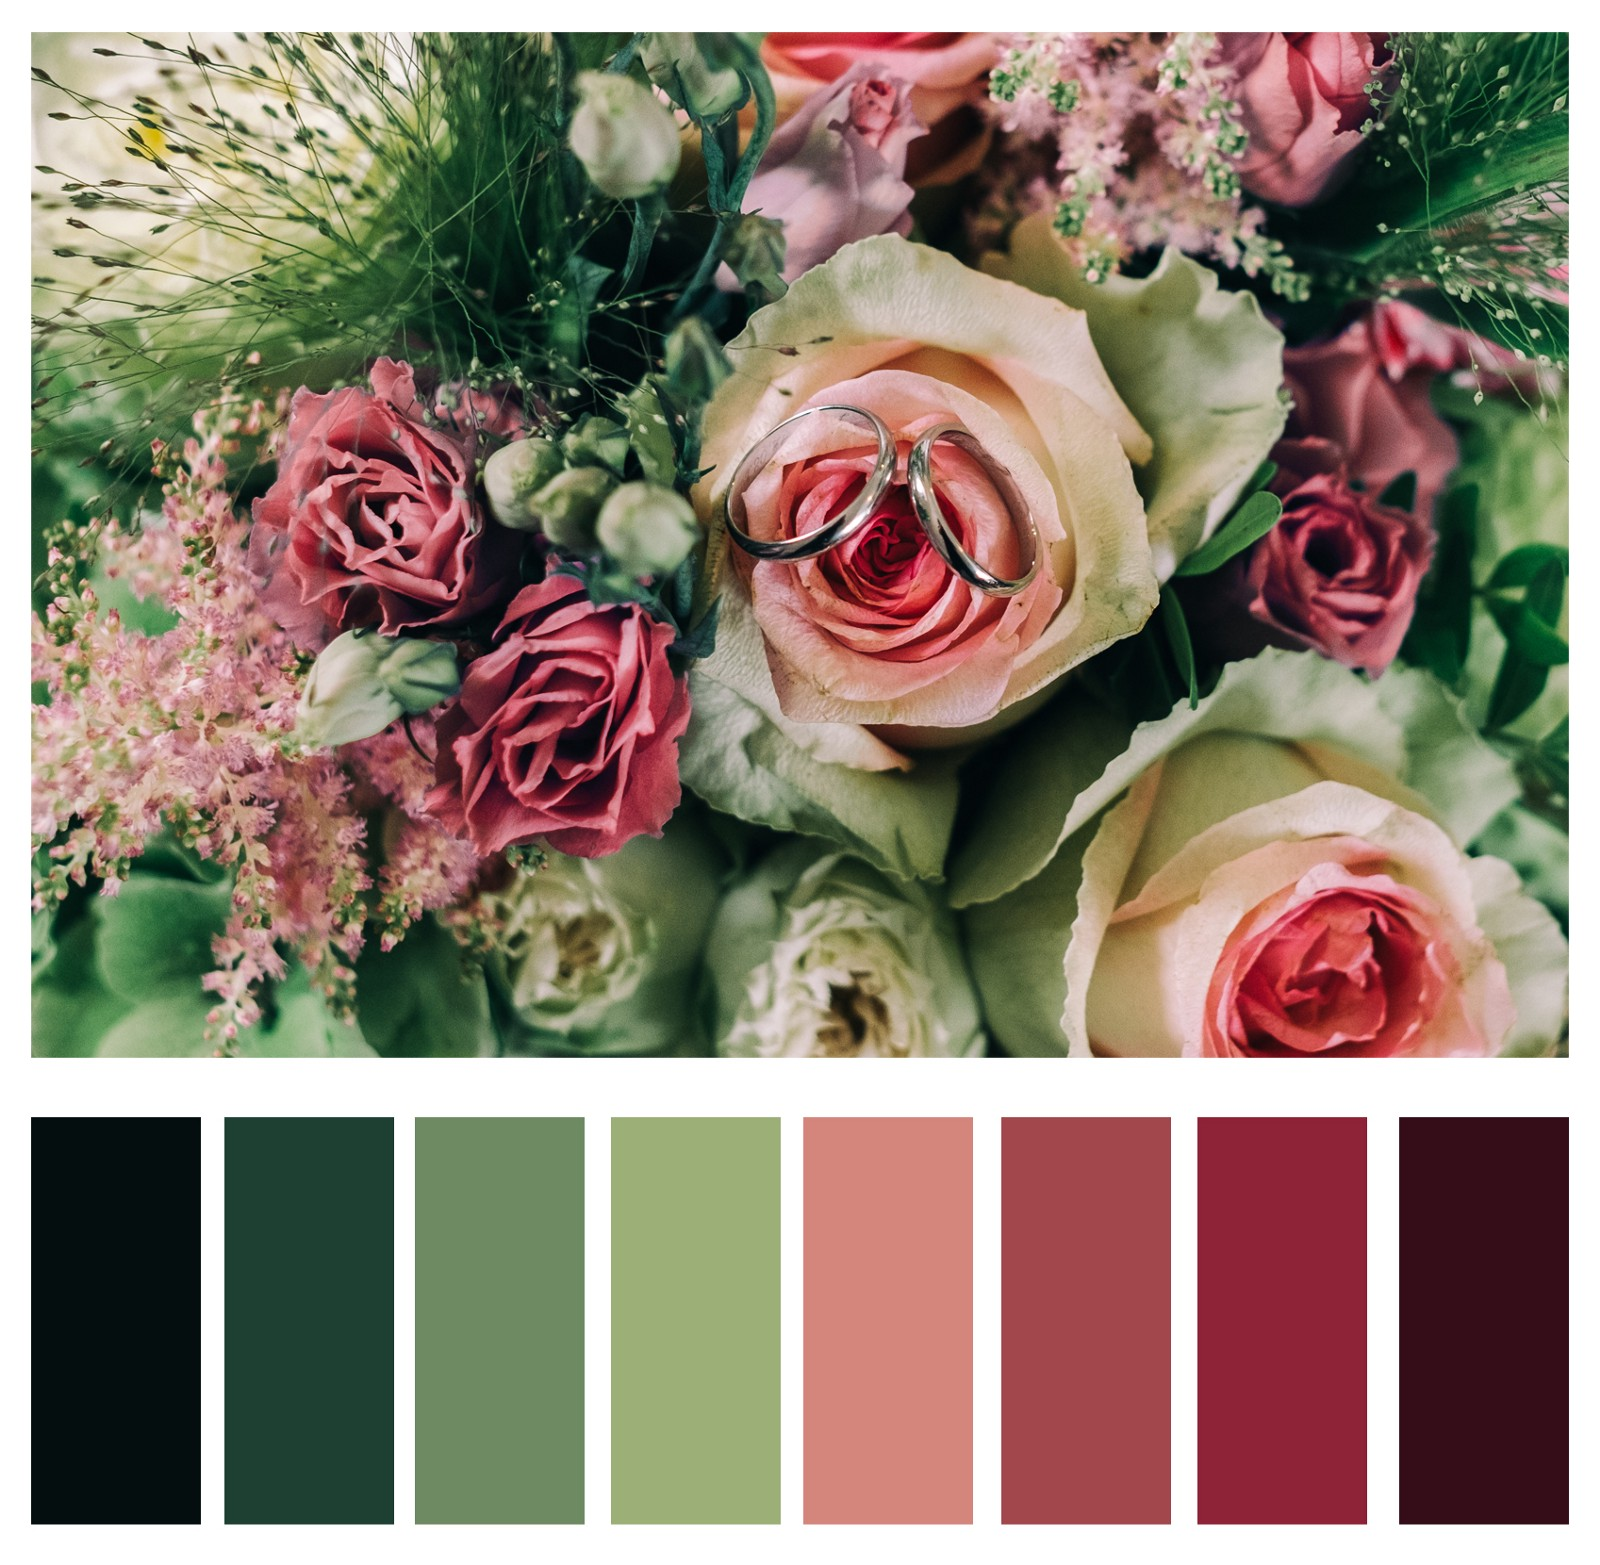 3б. Відтінки зеленого та червоного є протилежними